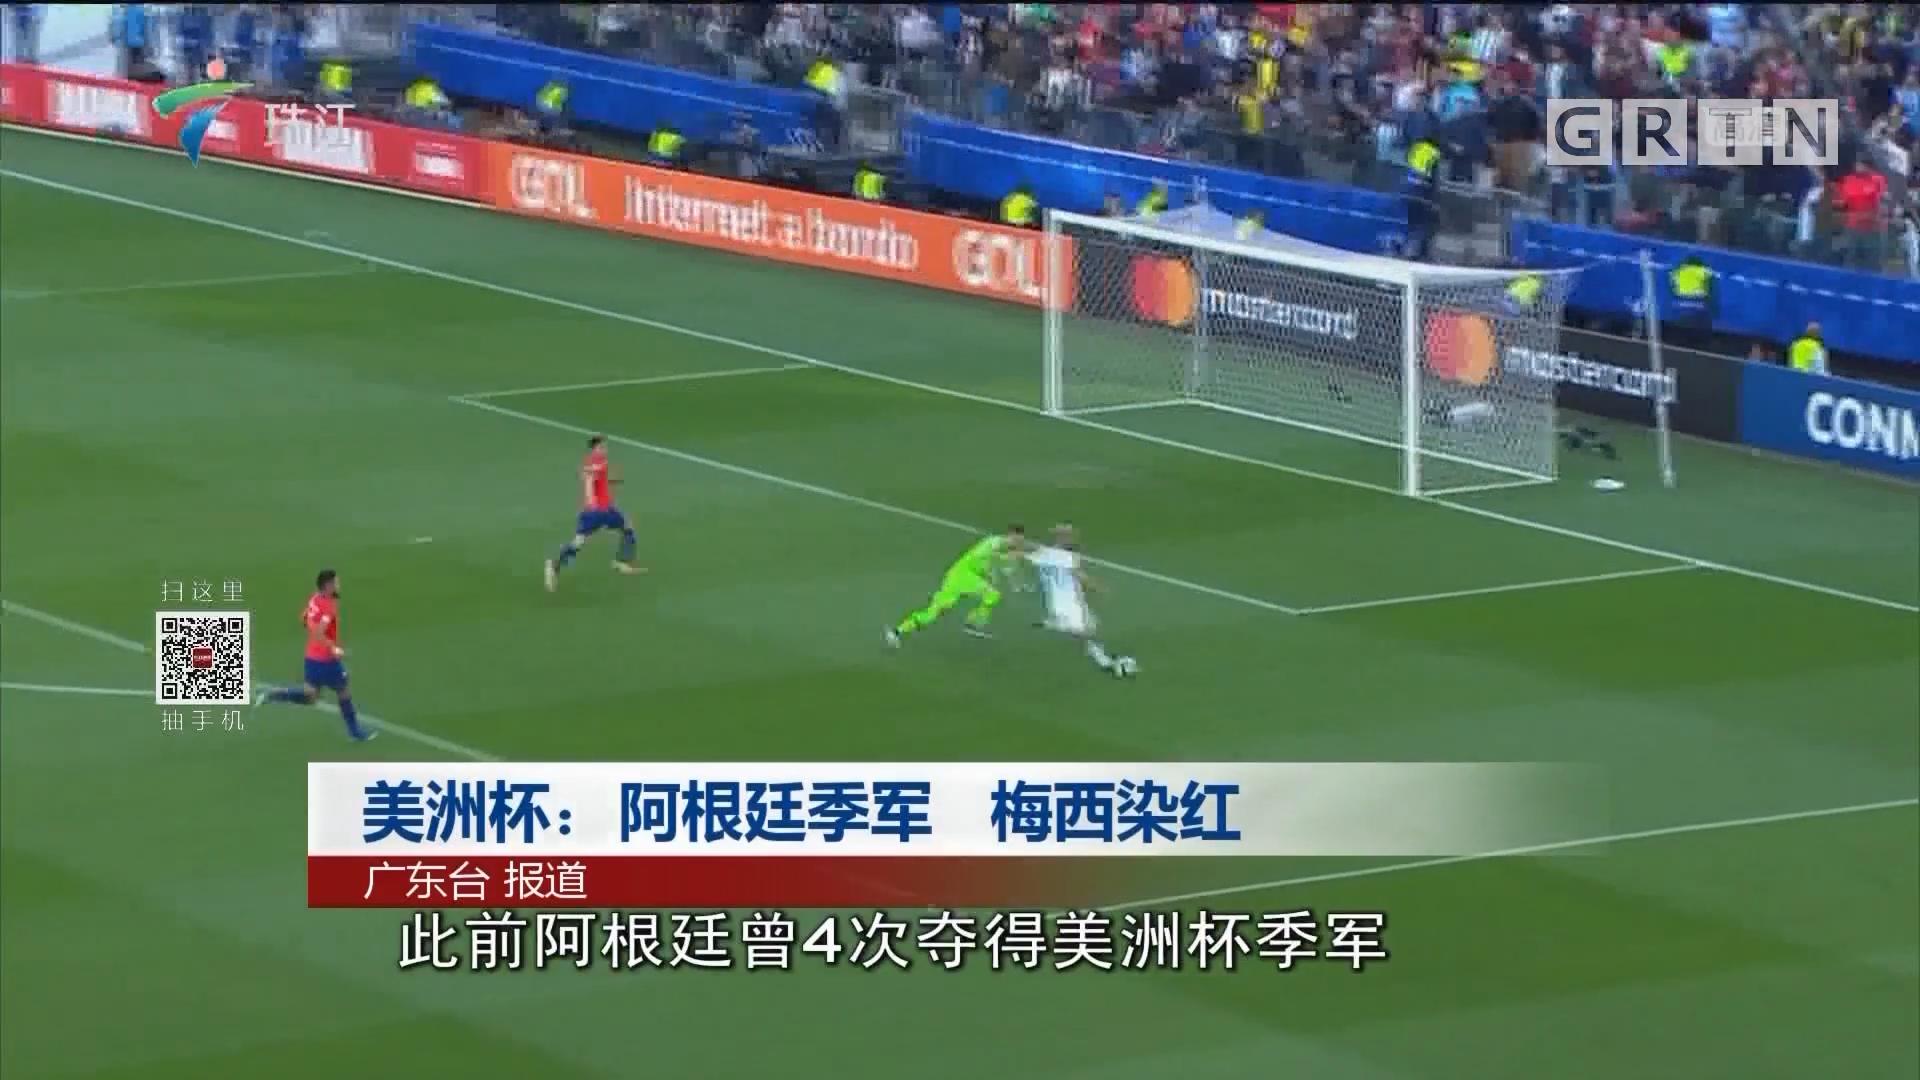 美洲杯:阿根廷季军 梅西染红